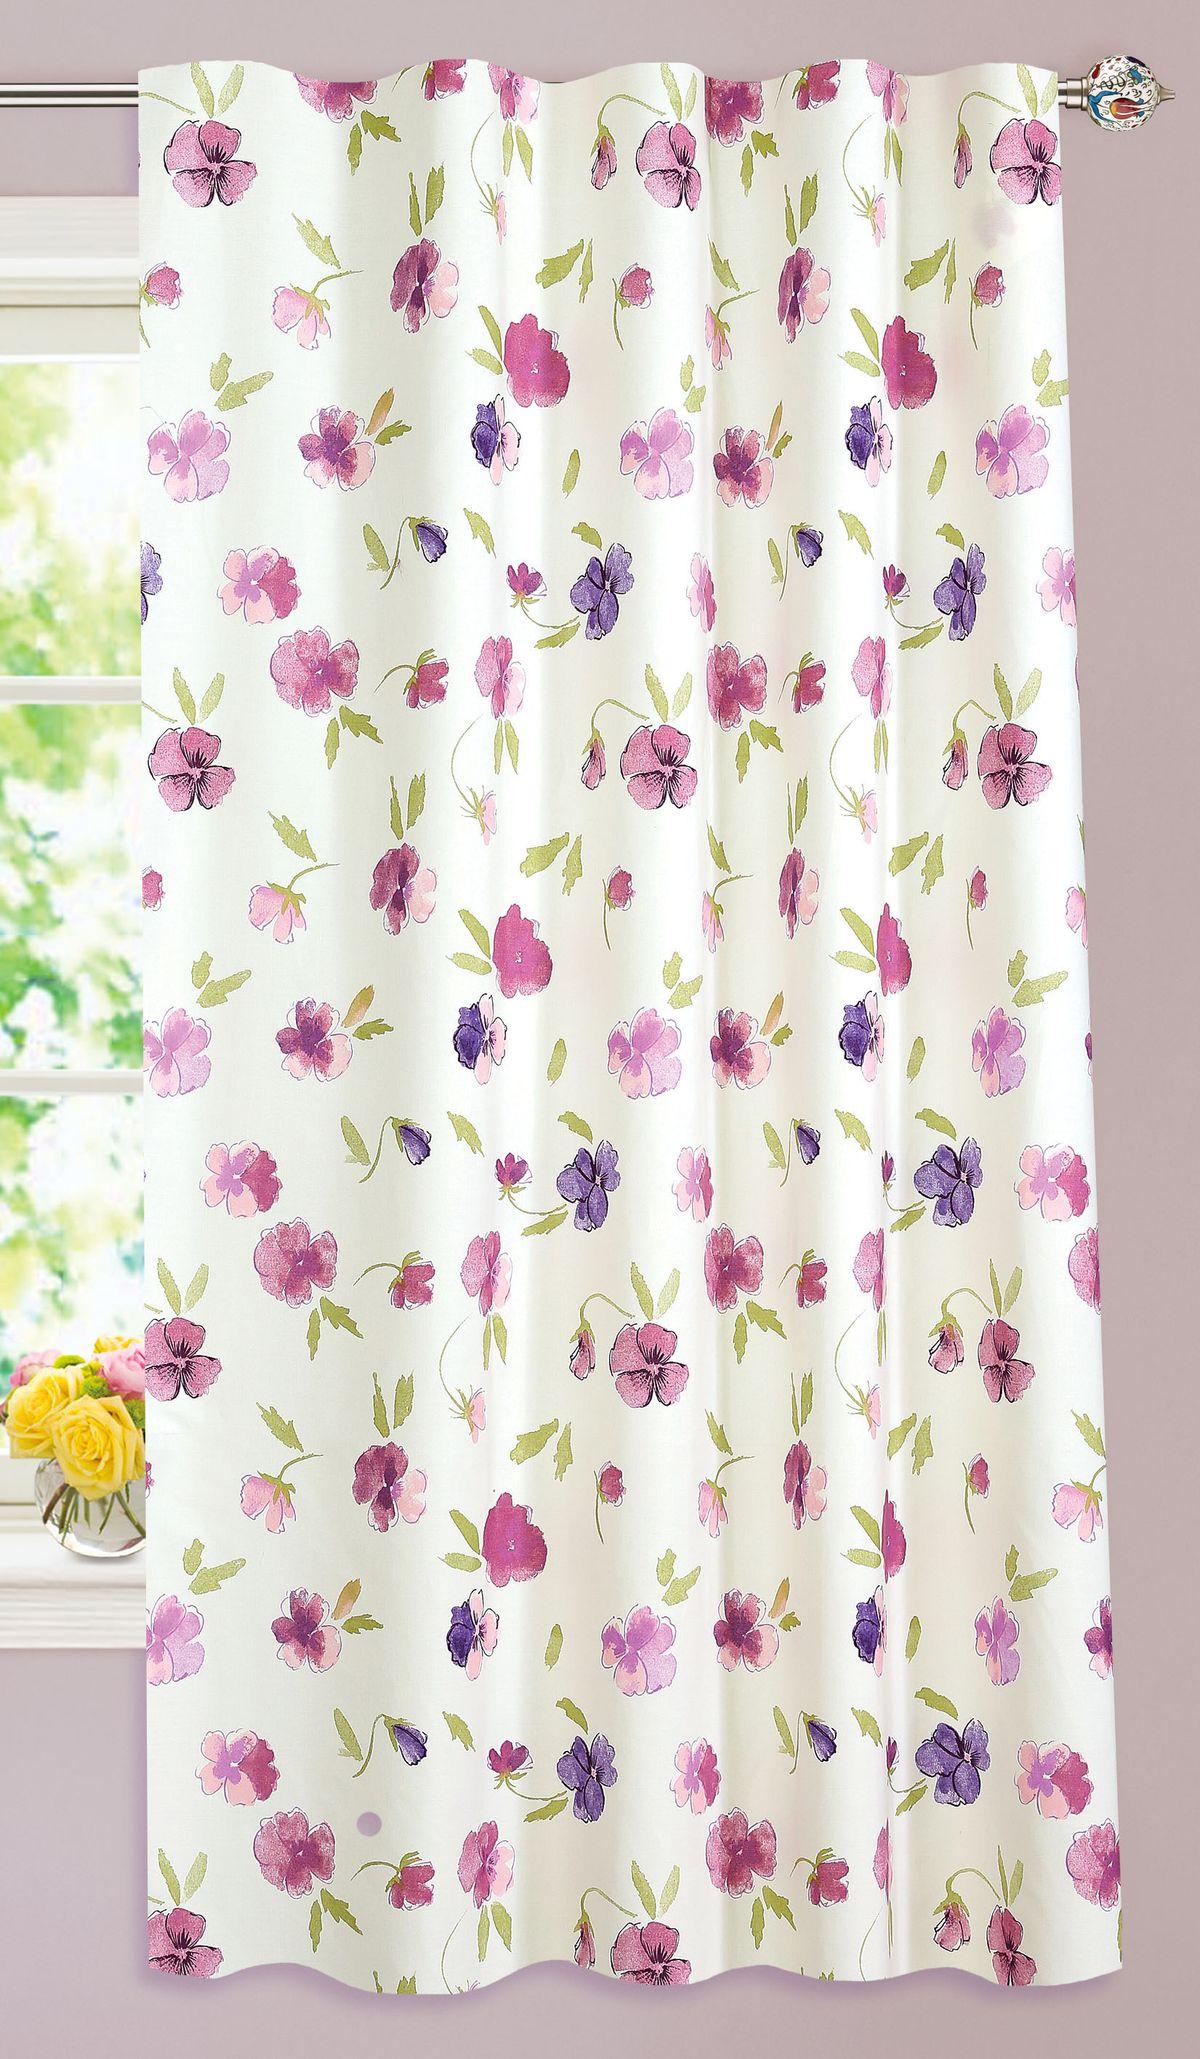 Штора готовая Garden, на ленте, цвет: розовый, 140х180 см. С 10292 - W1687 V22С 10292 - W1687 V22Штора для кухни Garden выполнена из плотной ткани с рисунком. Приятная текстура материала и яркая цветовая гамма привлекут к себе внимание и станут великолепным украшением кухонного окна. Штора оснащена шторной лентой для красивой сборки.